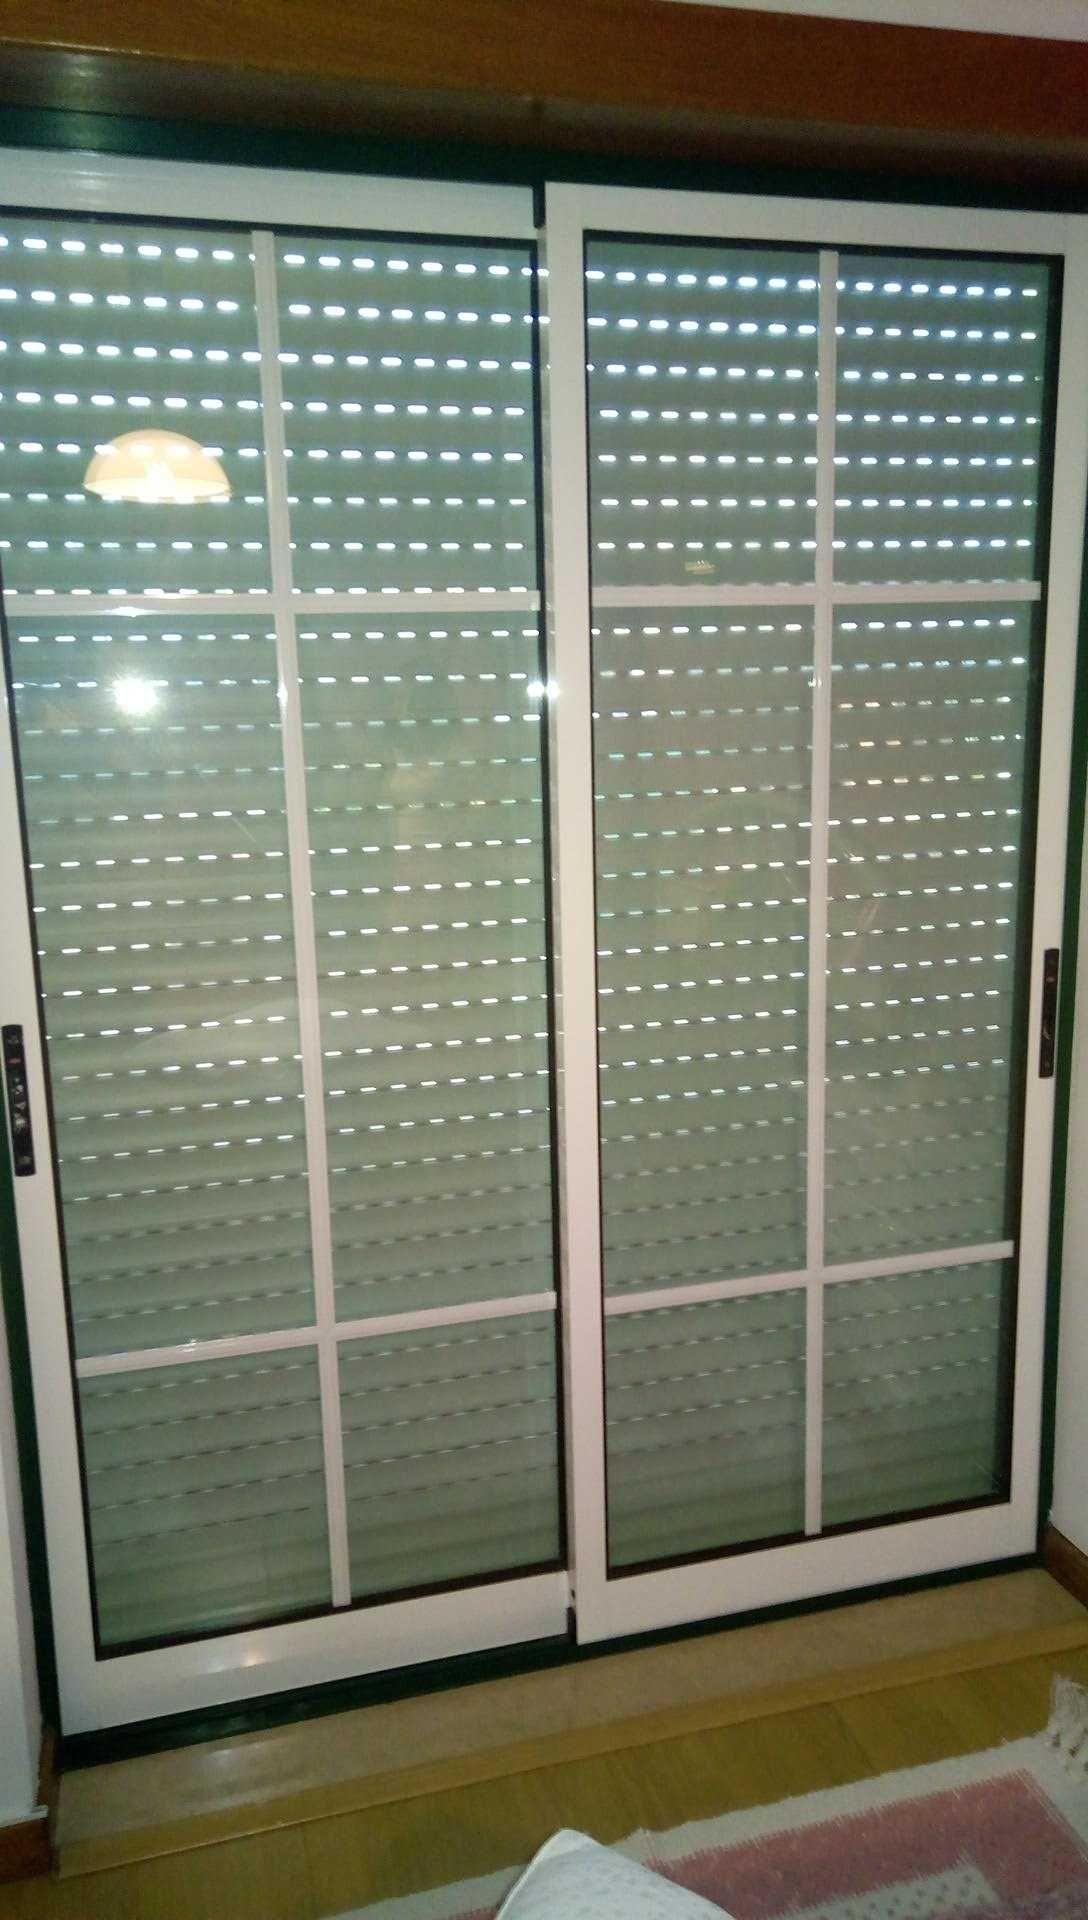 3 Portas de sacada em aluminio e vidro duplo 1.49x2.00 metros